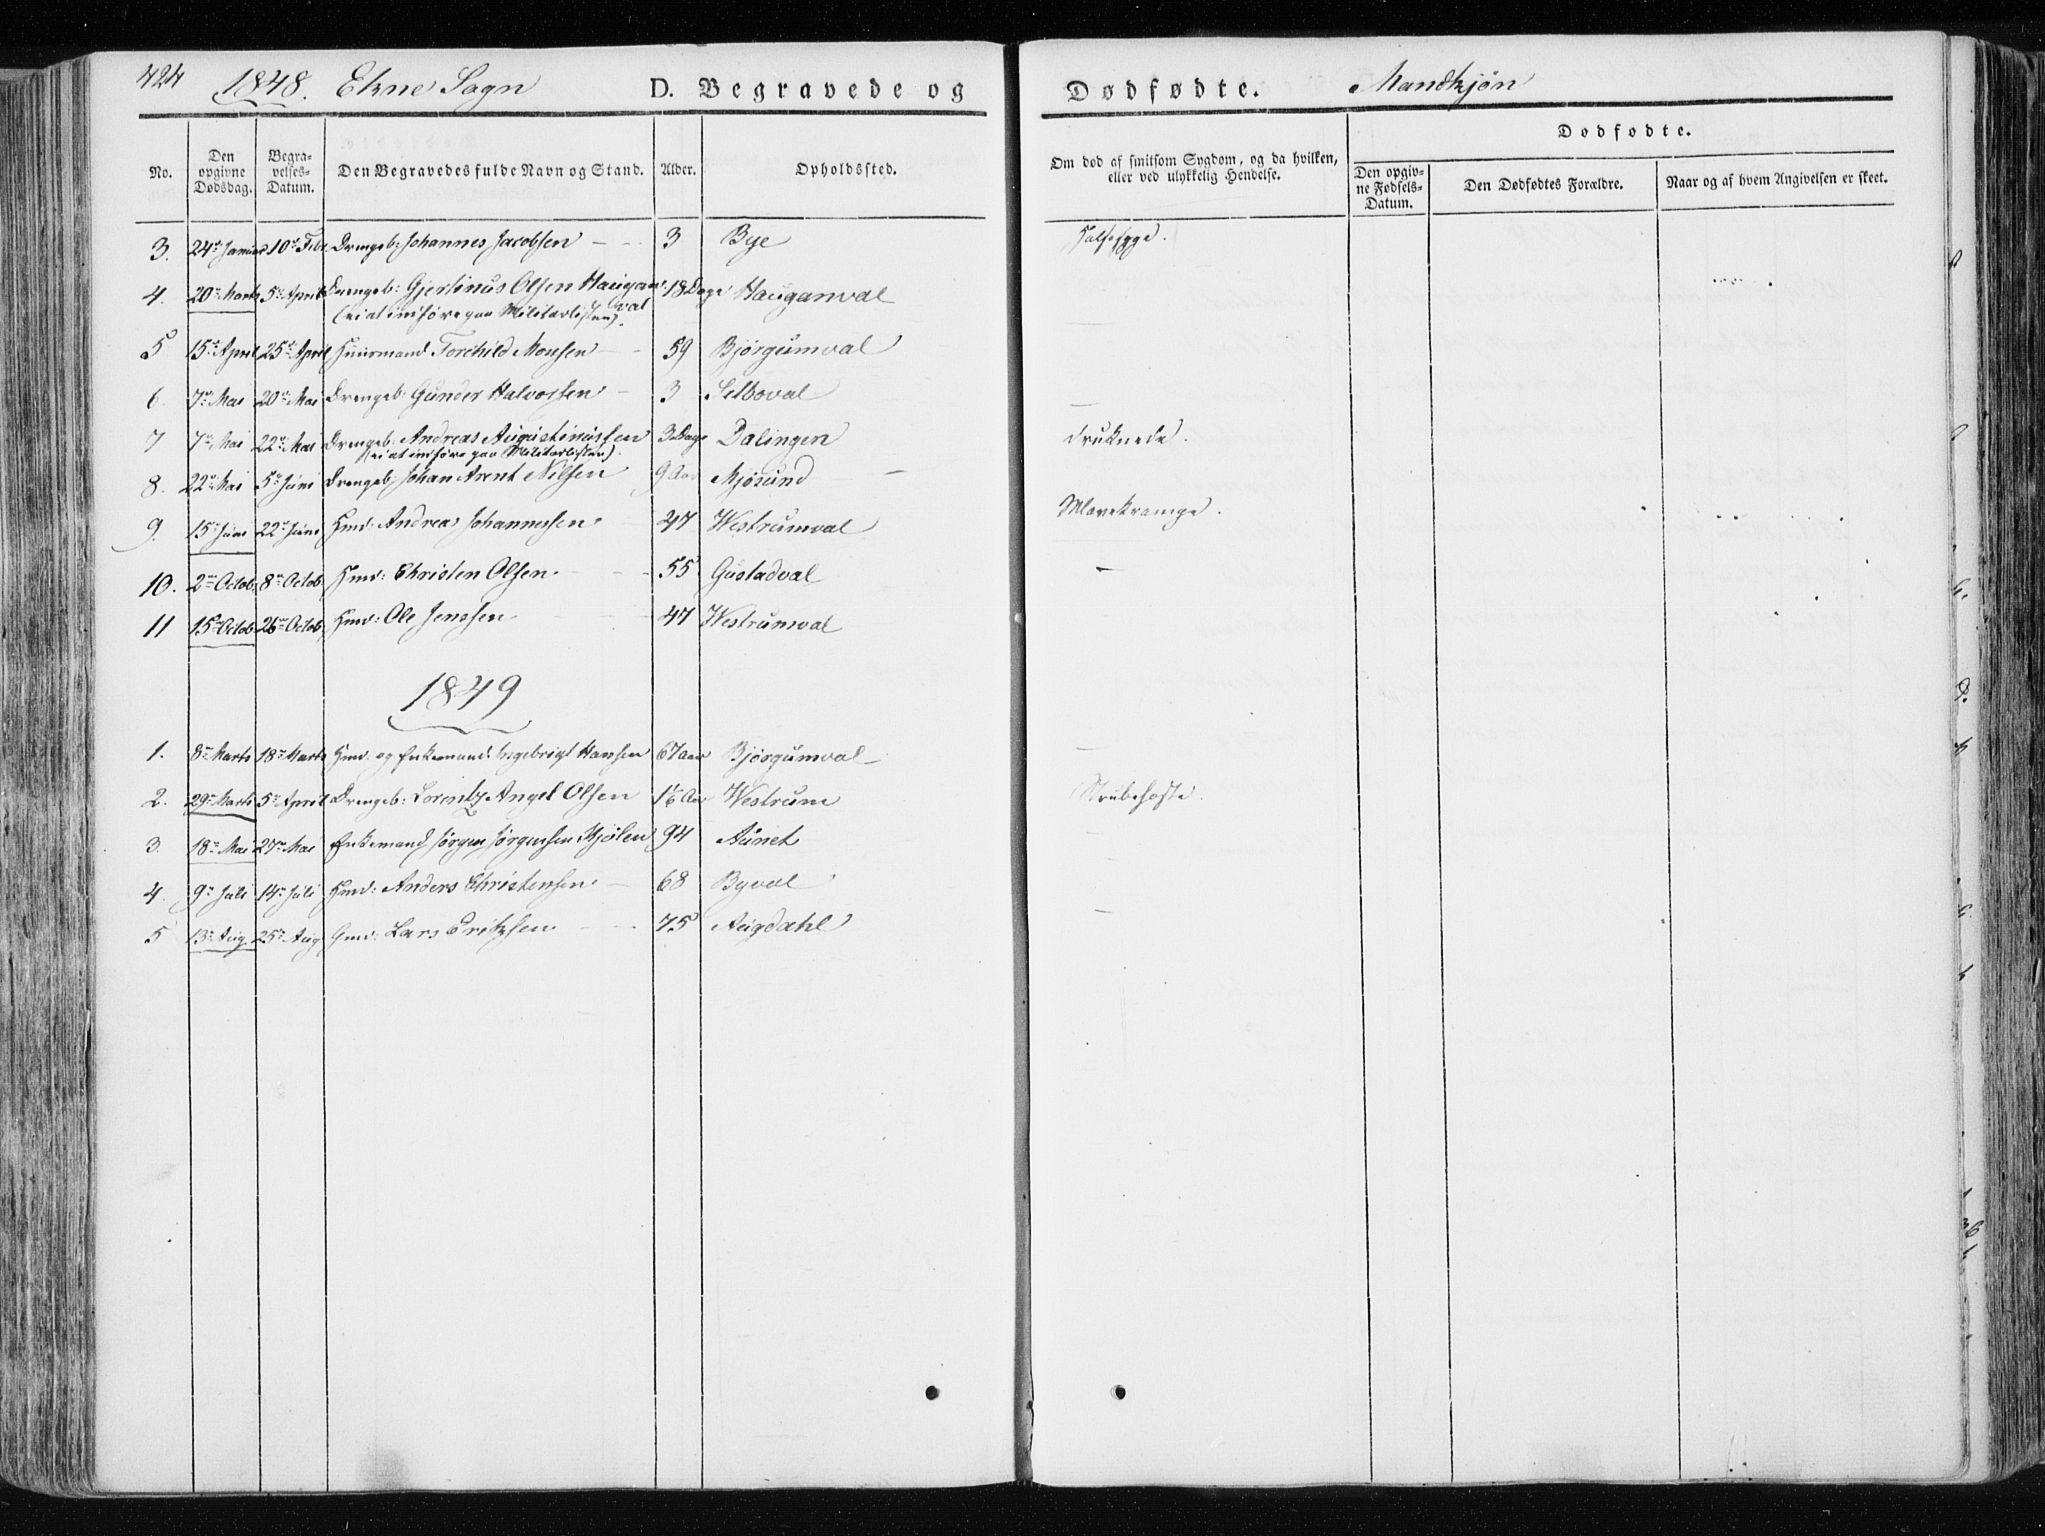 SAT, Ministerialprotokoller, klokkerbøker og fødselsregistre - Nord-Trøndelag, 717/L0154: Ministerialbok nr. 717A06 /2, 1836-1849, s. 424